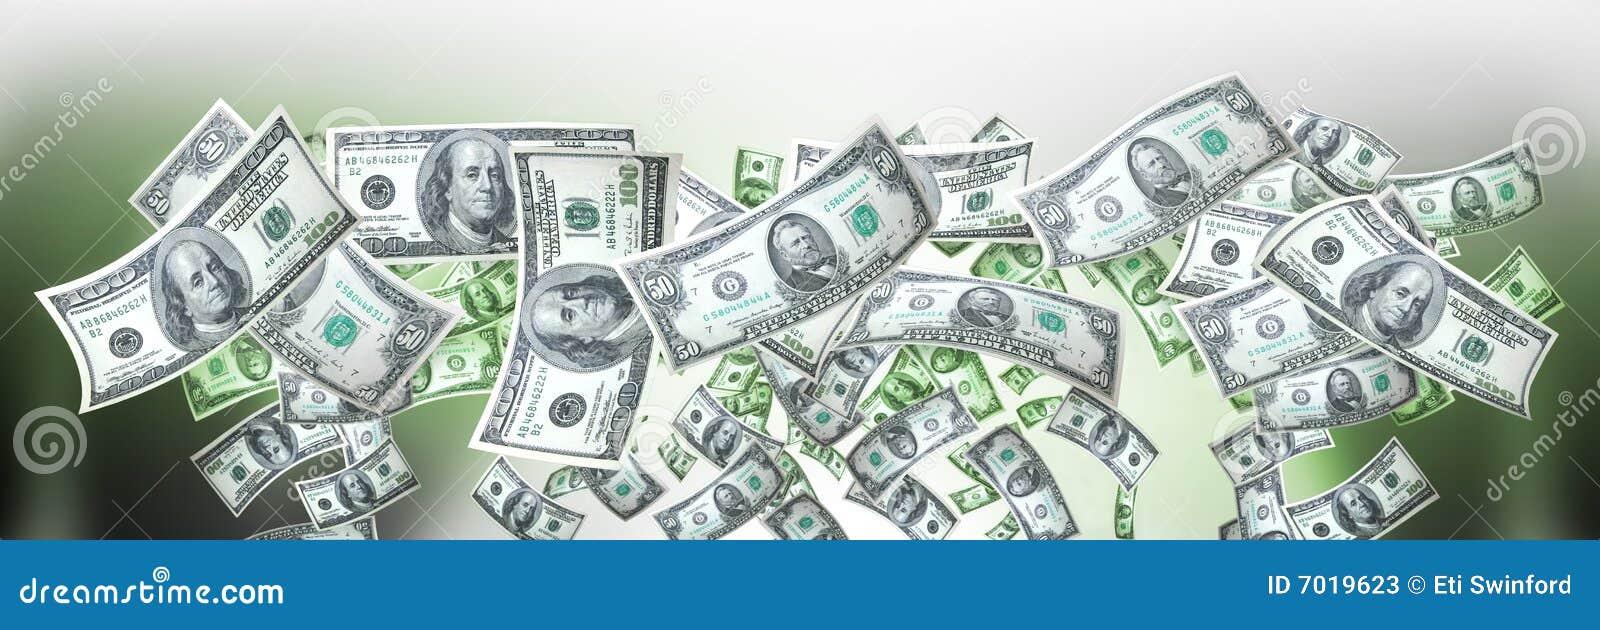 Geldfahne